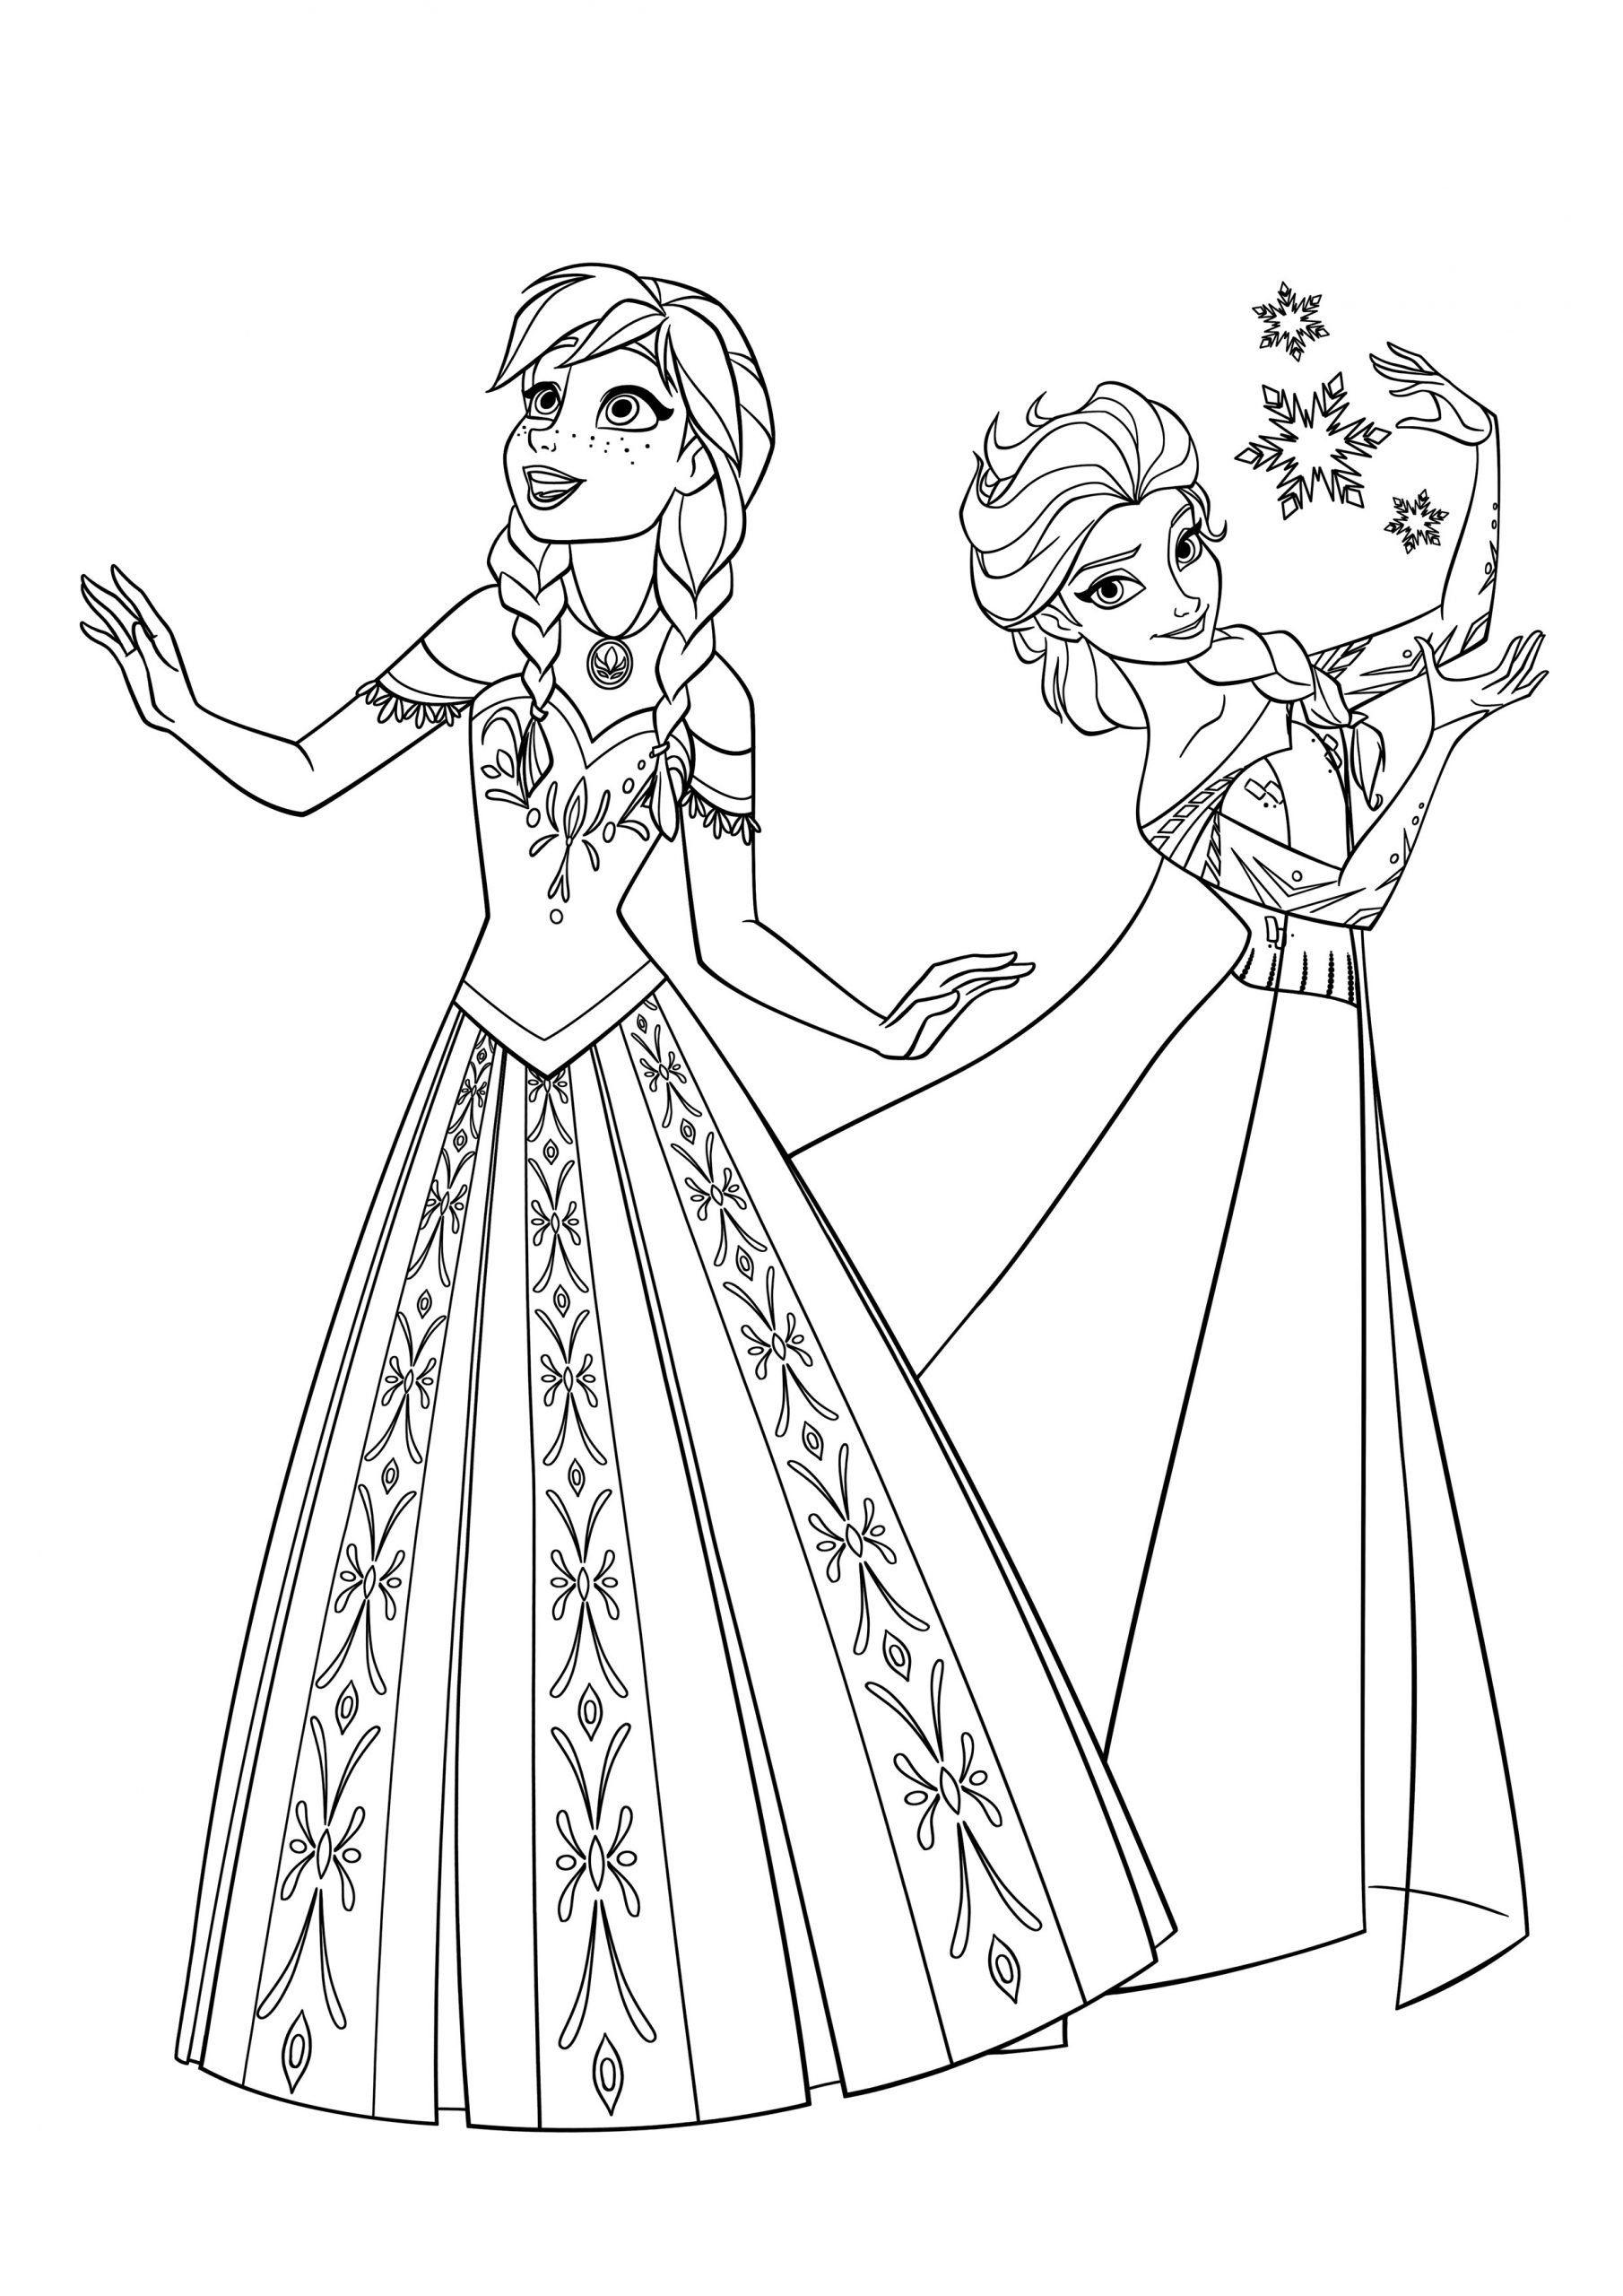 Elsa And Anna Coloring Elsa And Anna In 2020 Elsa Coloring Pages Frozen Coloring Pages Frozen Coloring